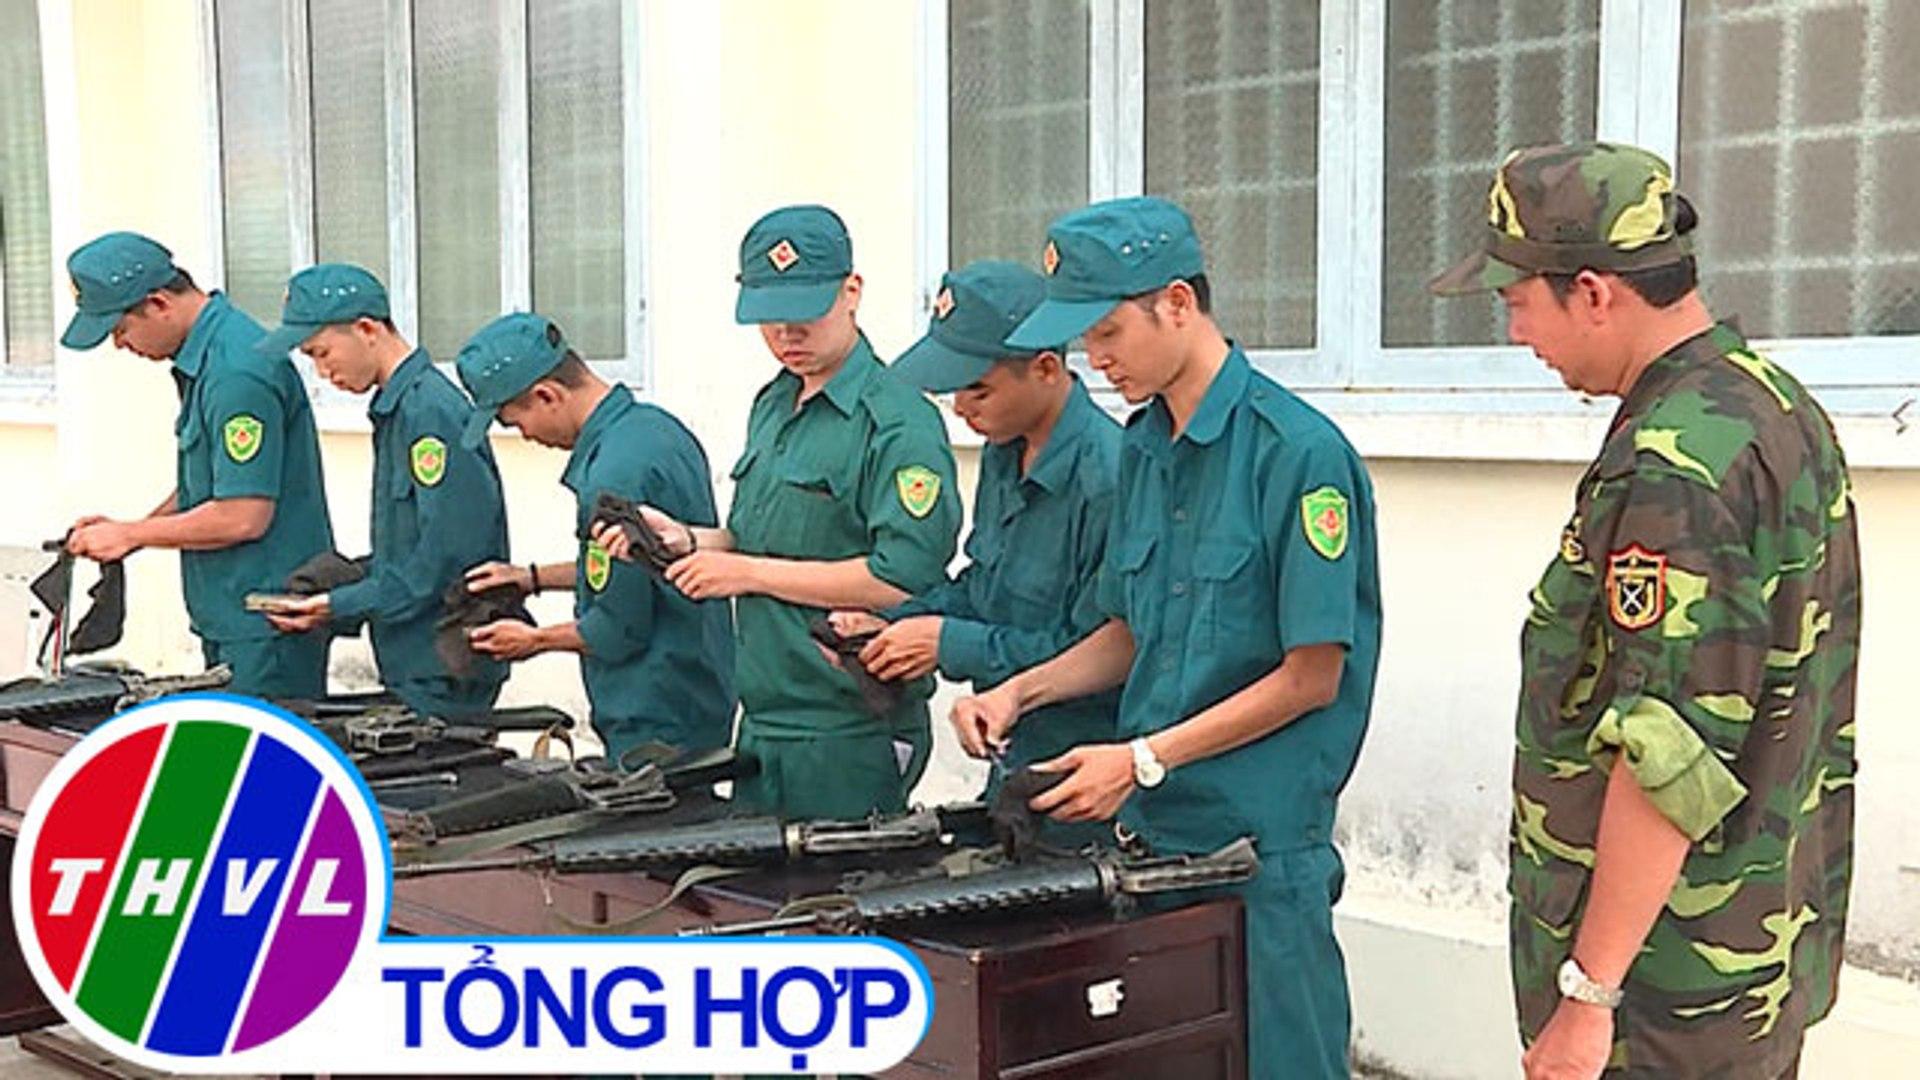 THVL | Quốc phòng toàn dân: Lực lượng vũ trang thực hiện an toàn vệ sinh lao động